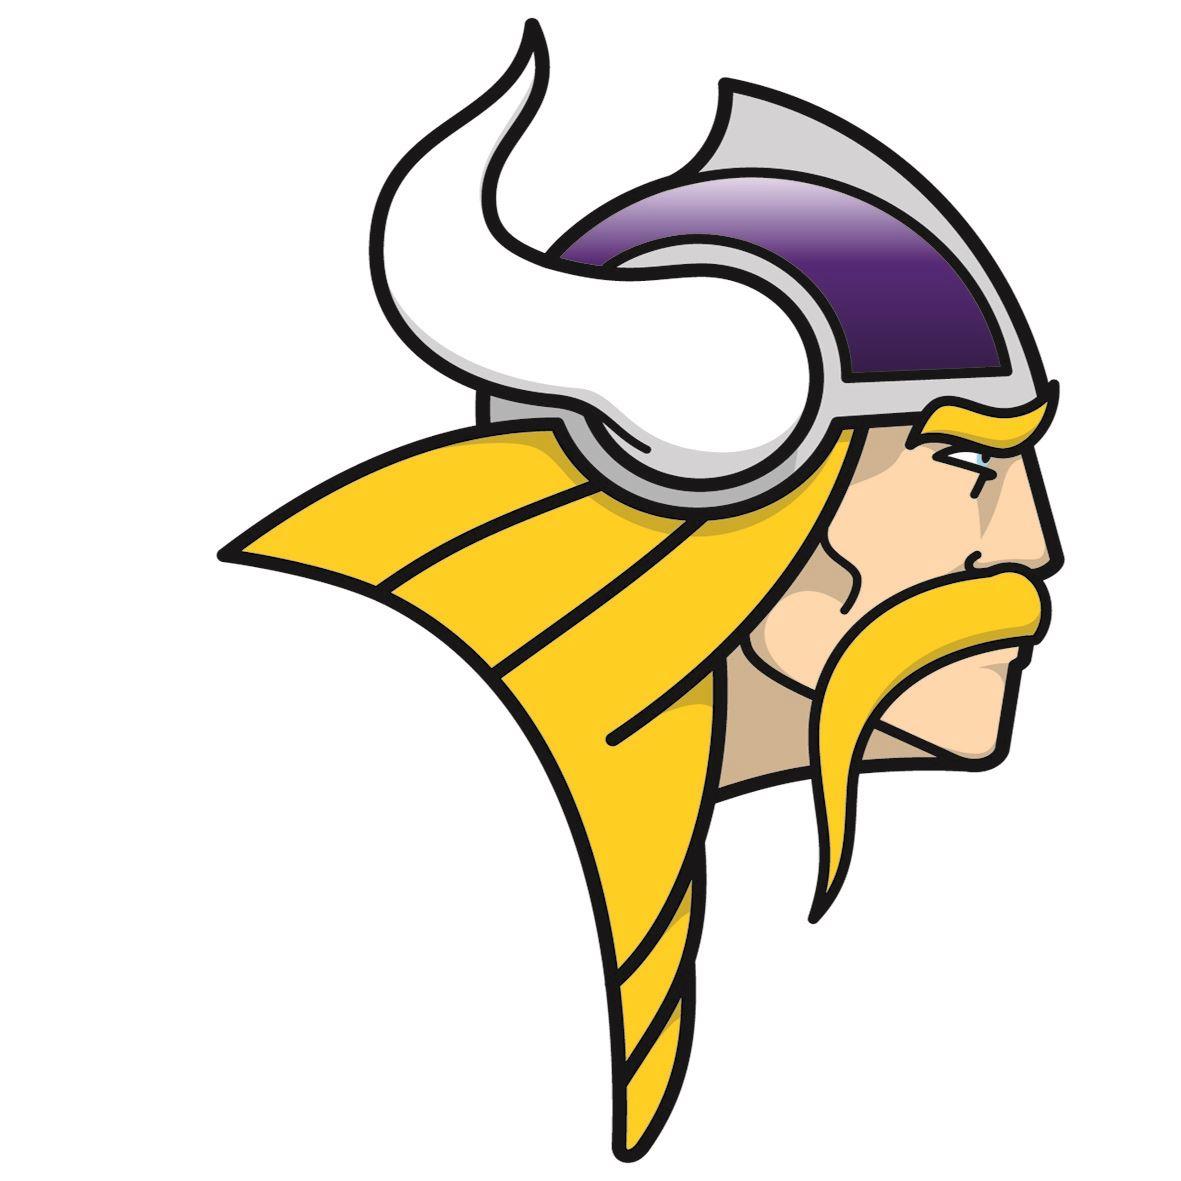 1181x1181 Vikings Flag